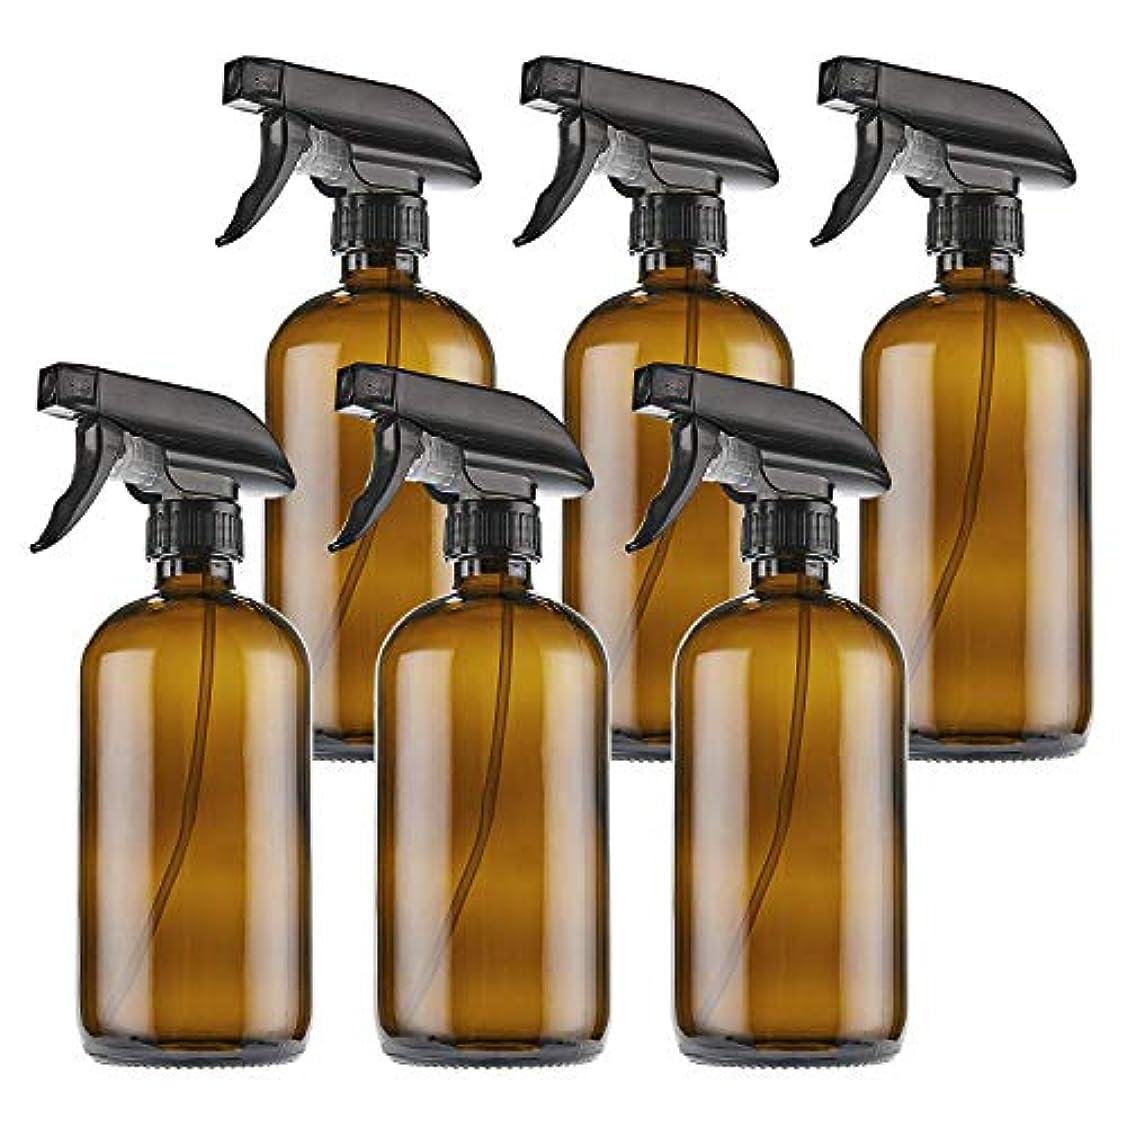 スキル最終解体するTHETIS Homes トリガースプレーキャップを持つ16オンス空 琥珀ボストンスプレーボトルや製品部屋 やアロマセラピーを清掃エッセンシャルオイル 用 ガラスびん ラベル 6パック